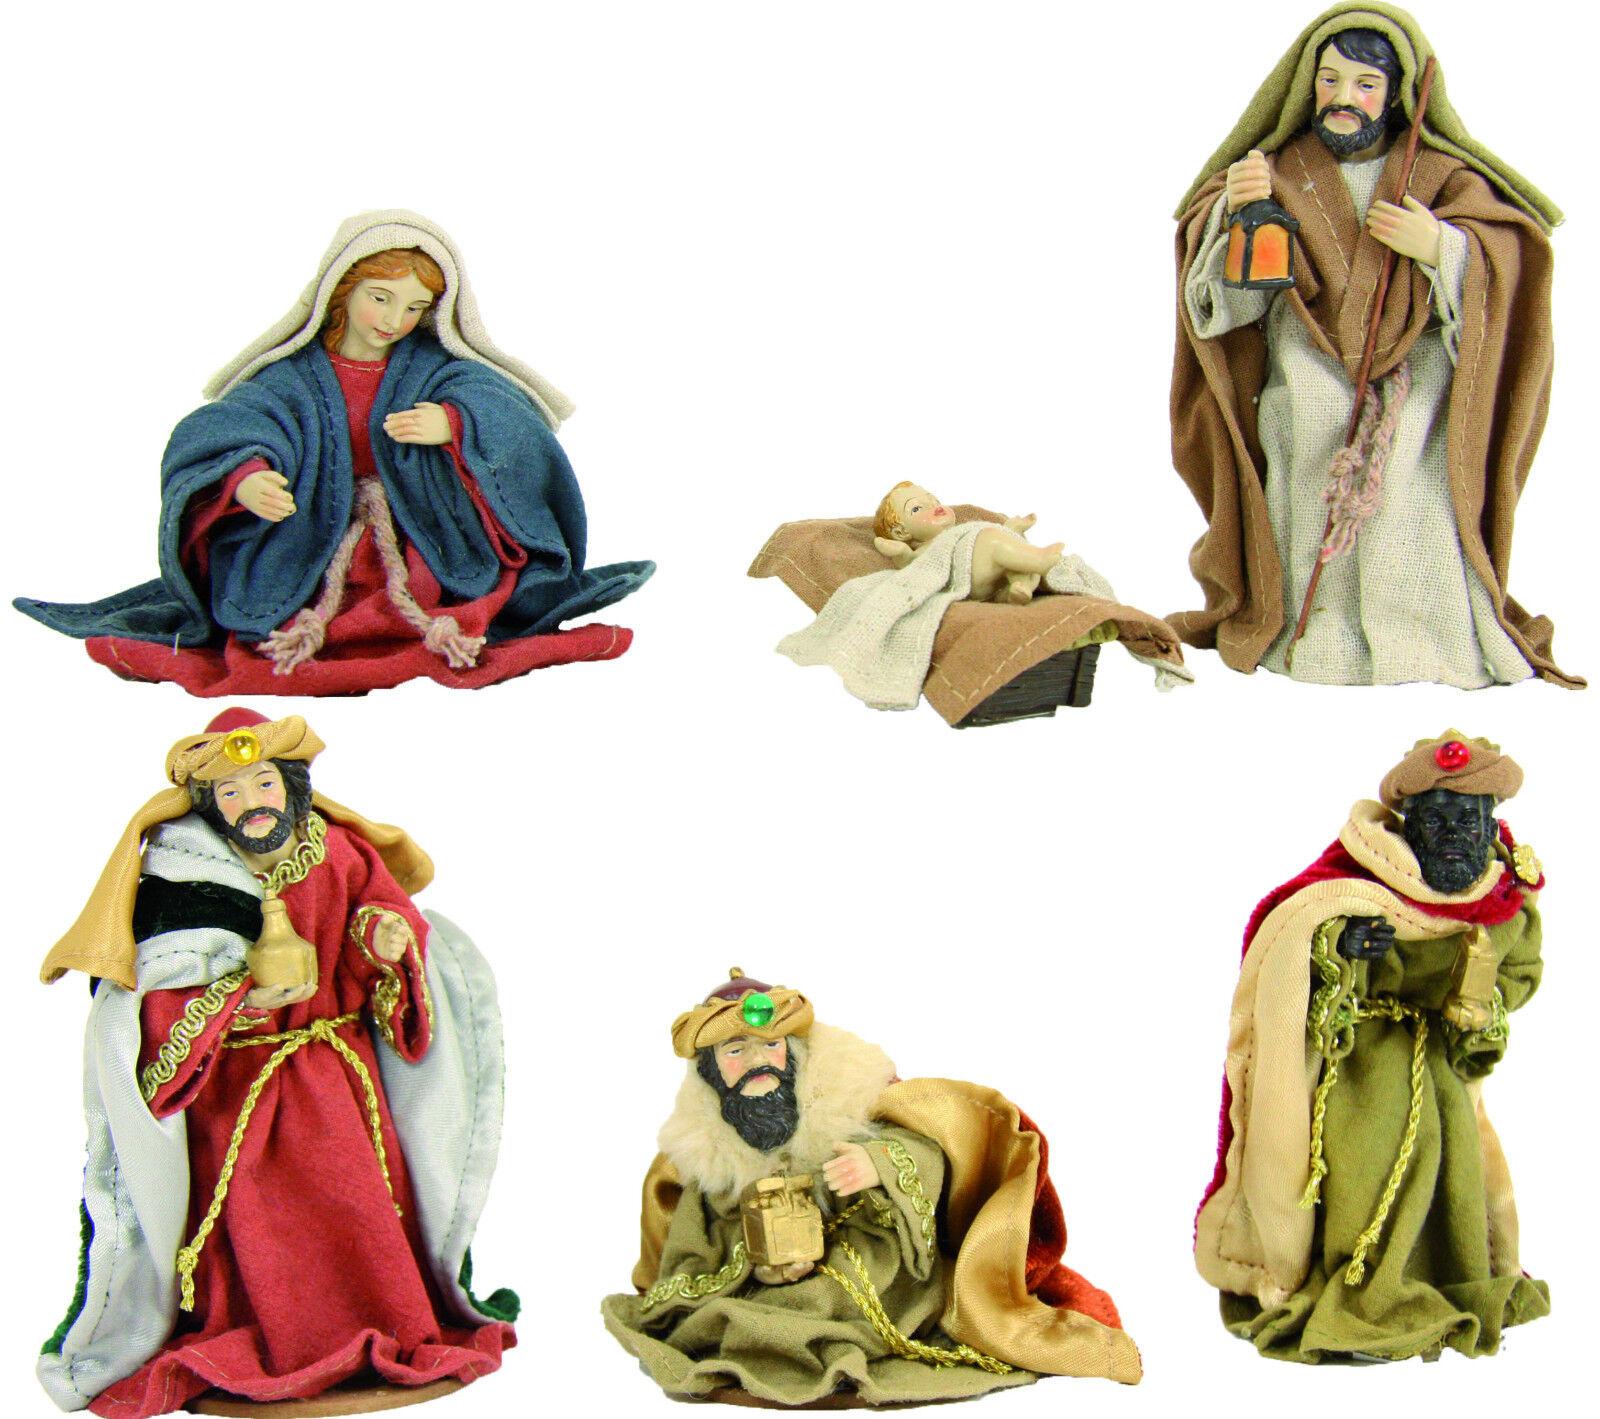 Weihnachtskrippe Krippenfiguren Ankleidekrippenset 6-teilig Figuren Figuren Figuren ca 13 cm b41dd7